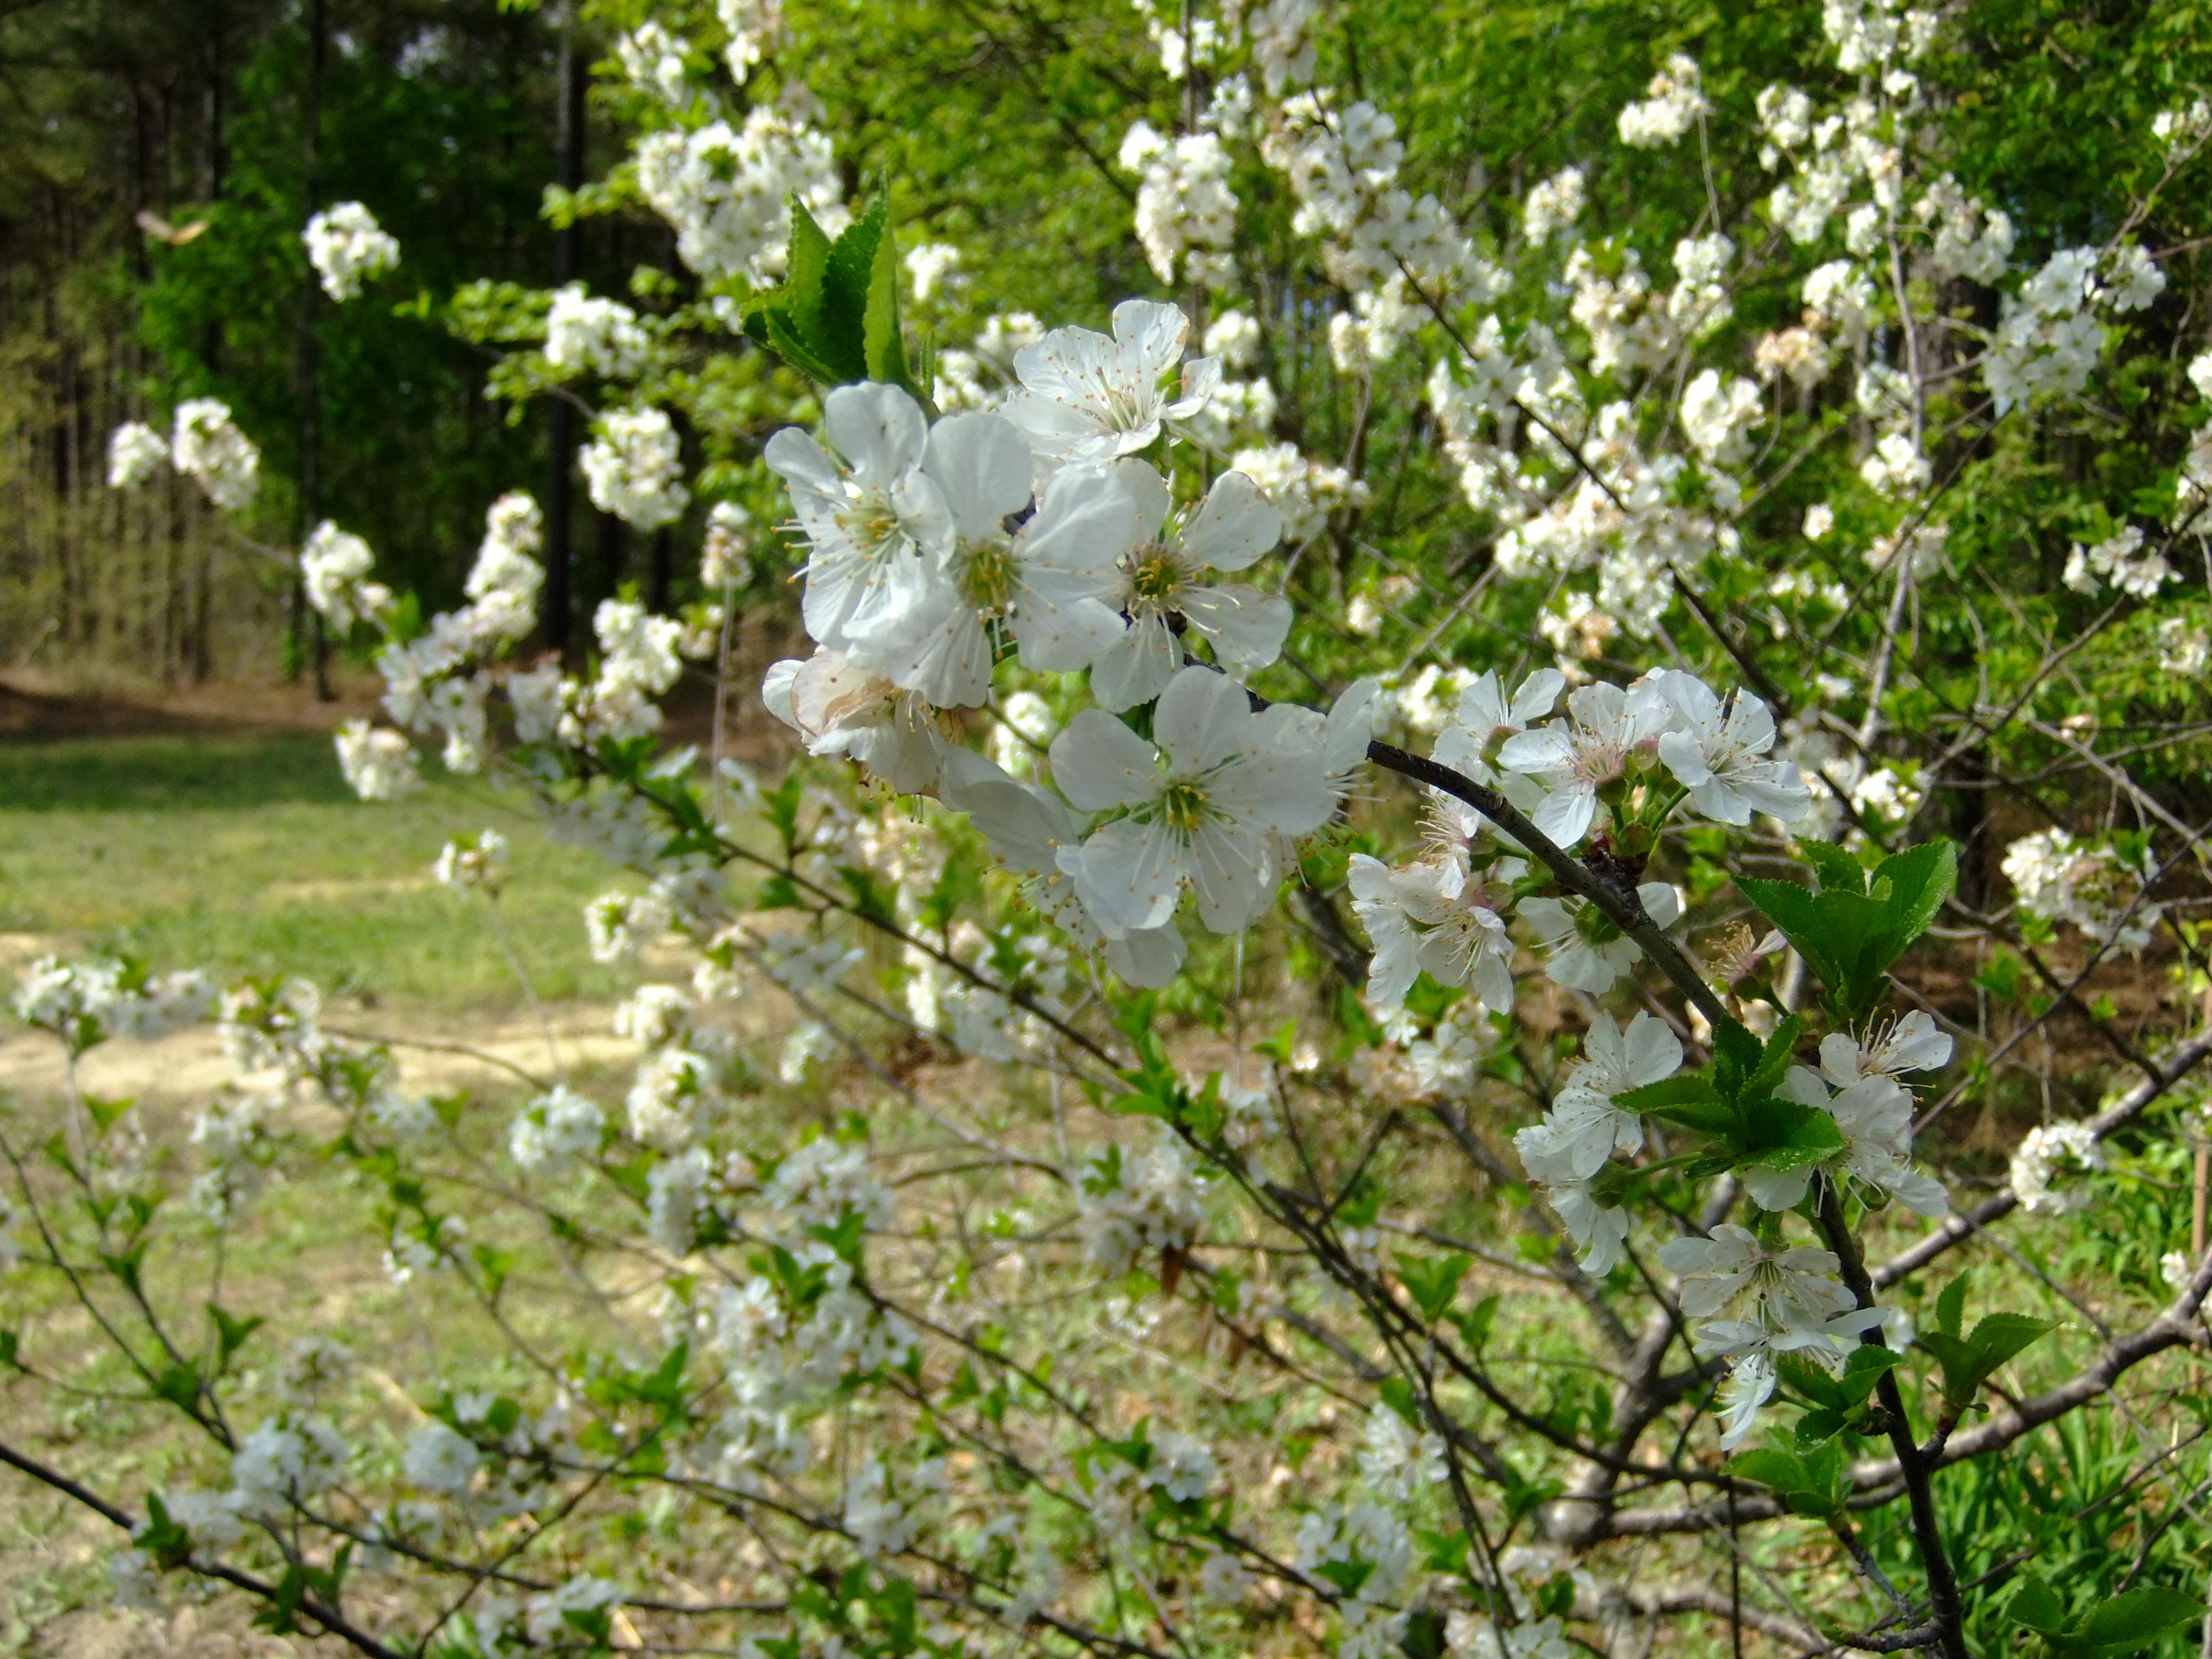 Recomendaciones de la planta - Mauve a los arbustos florecientes de la primavera púrpura - Jardinería & amp; Intercambio de Pila de Paisajismo